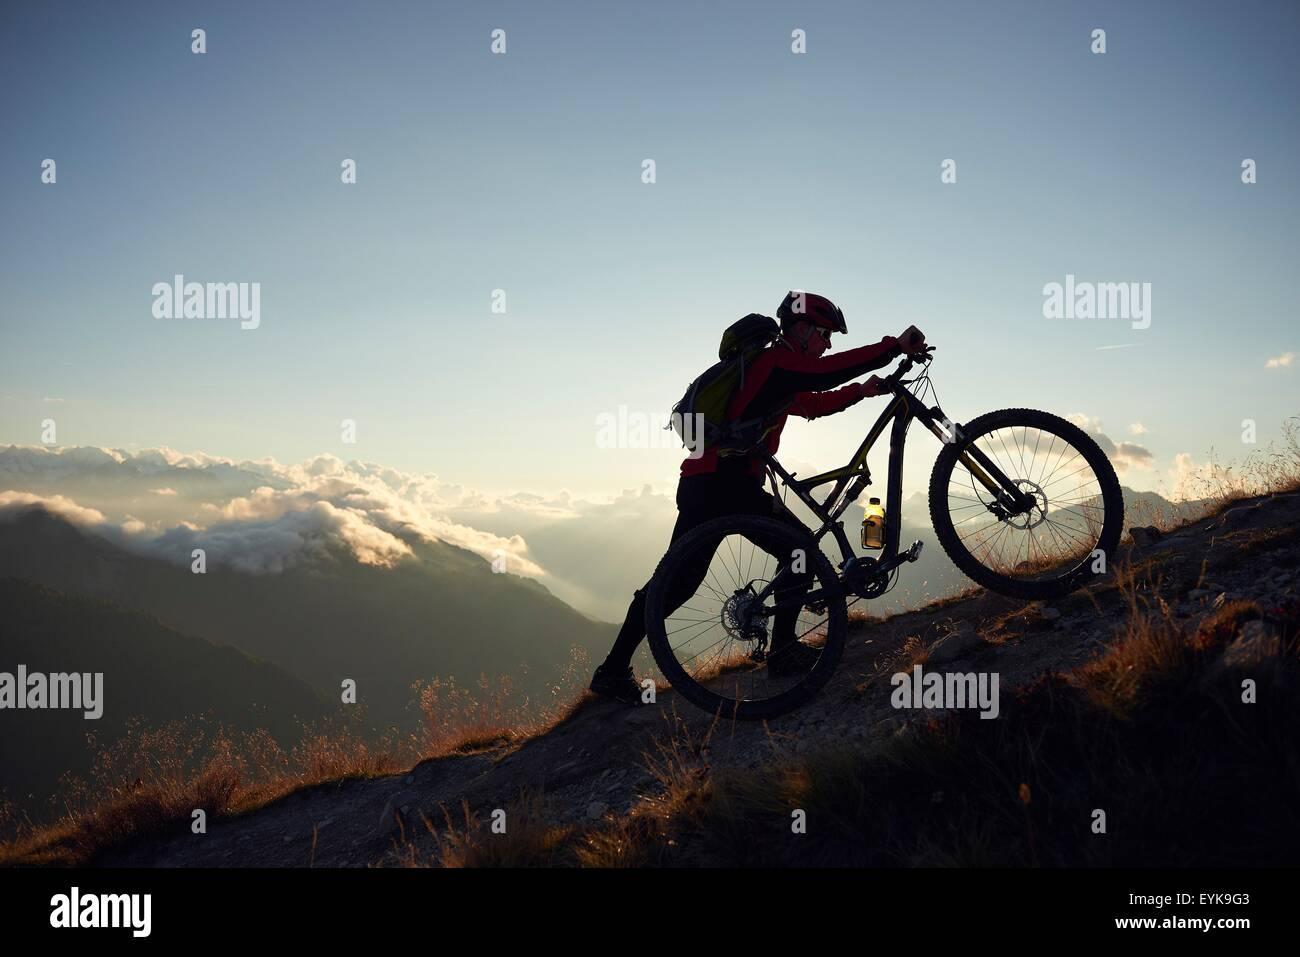 Mountain biker pushing bike uphill, Valais, Switzerland - Stock Image